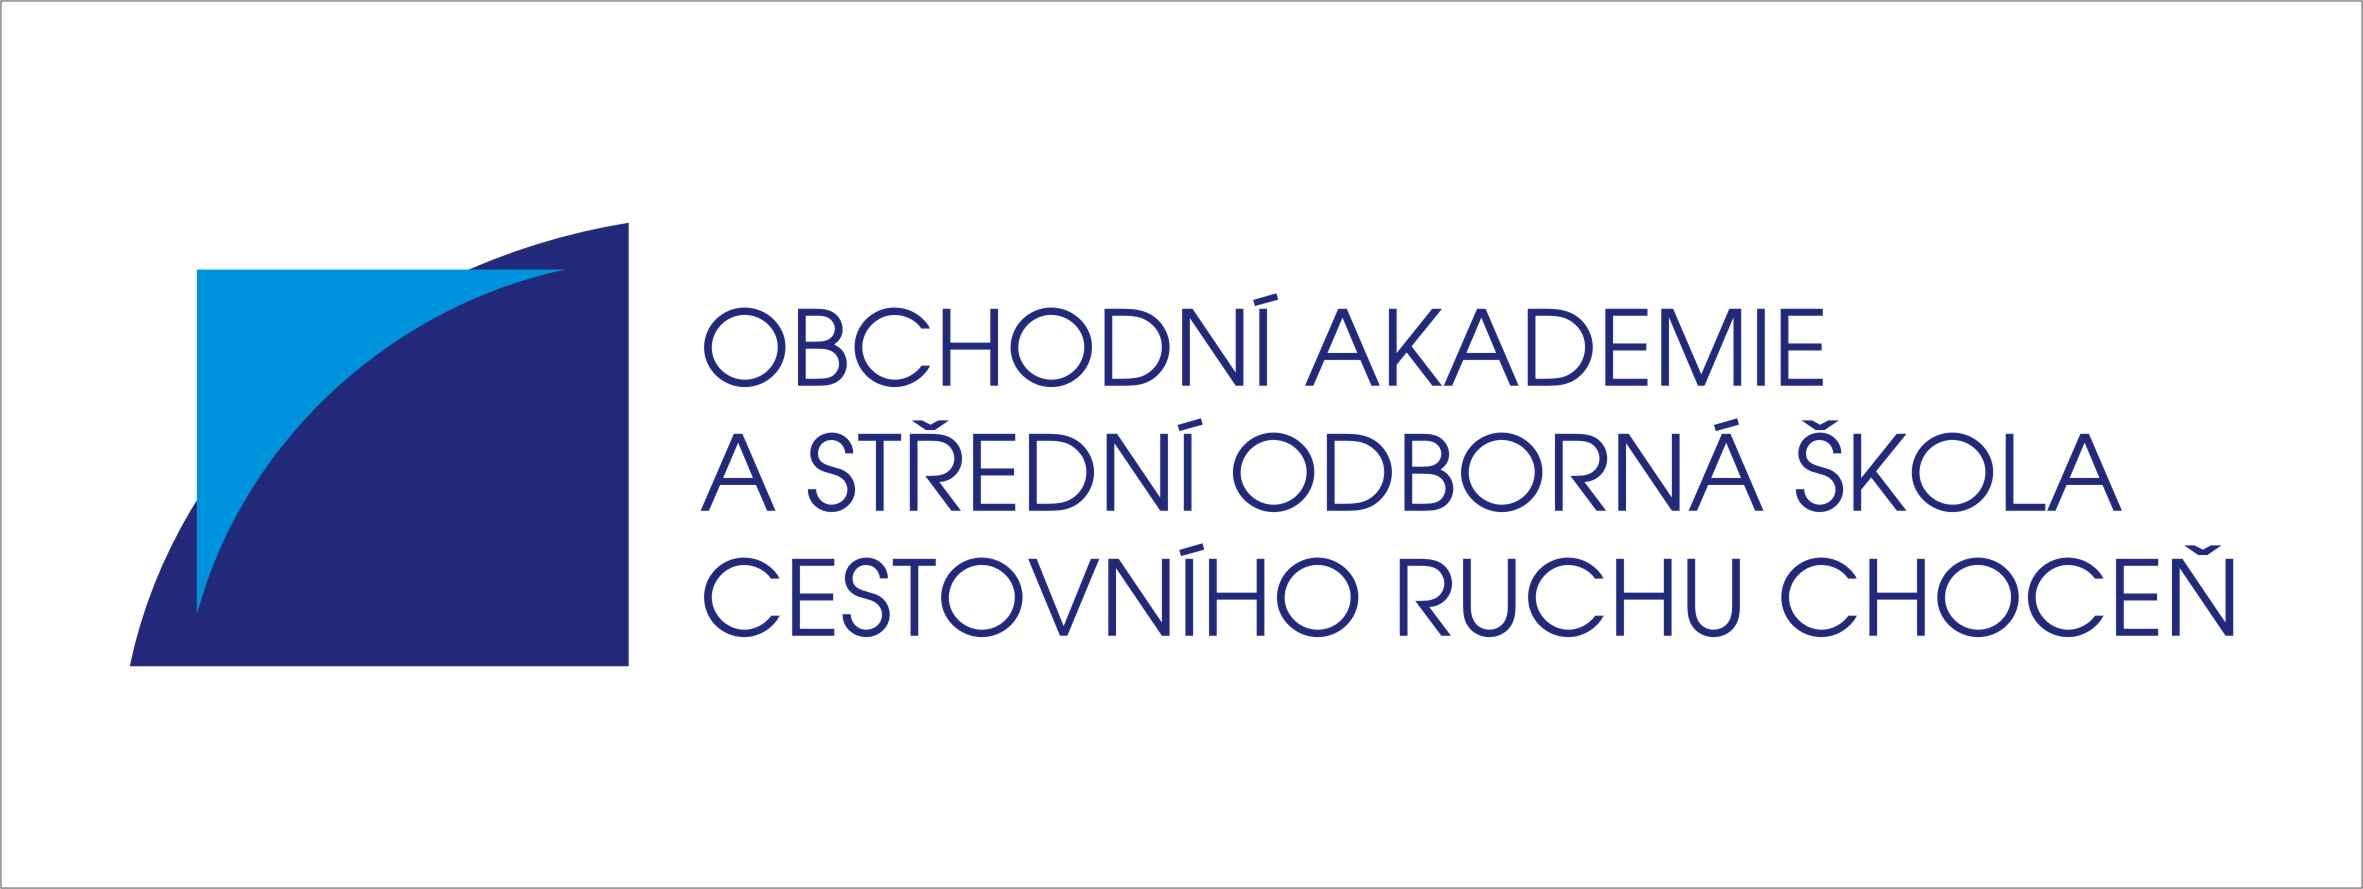 Obchodní akademie a Střední odborná škola cestovního ruchu Choceň logo